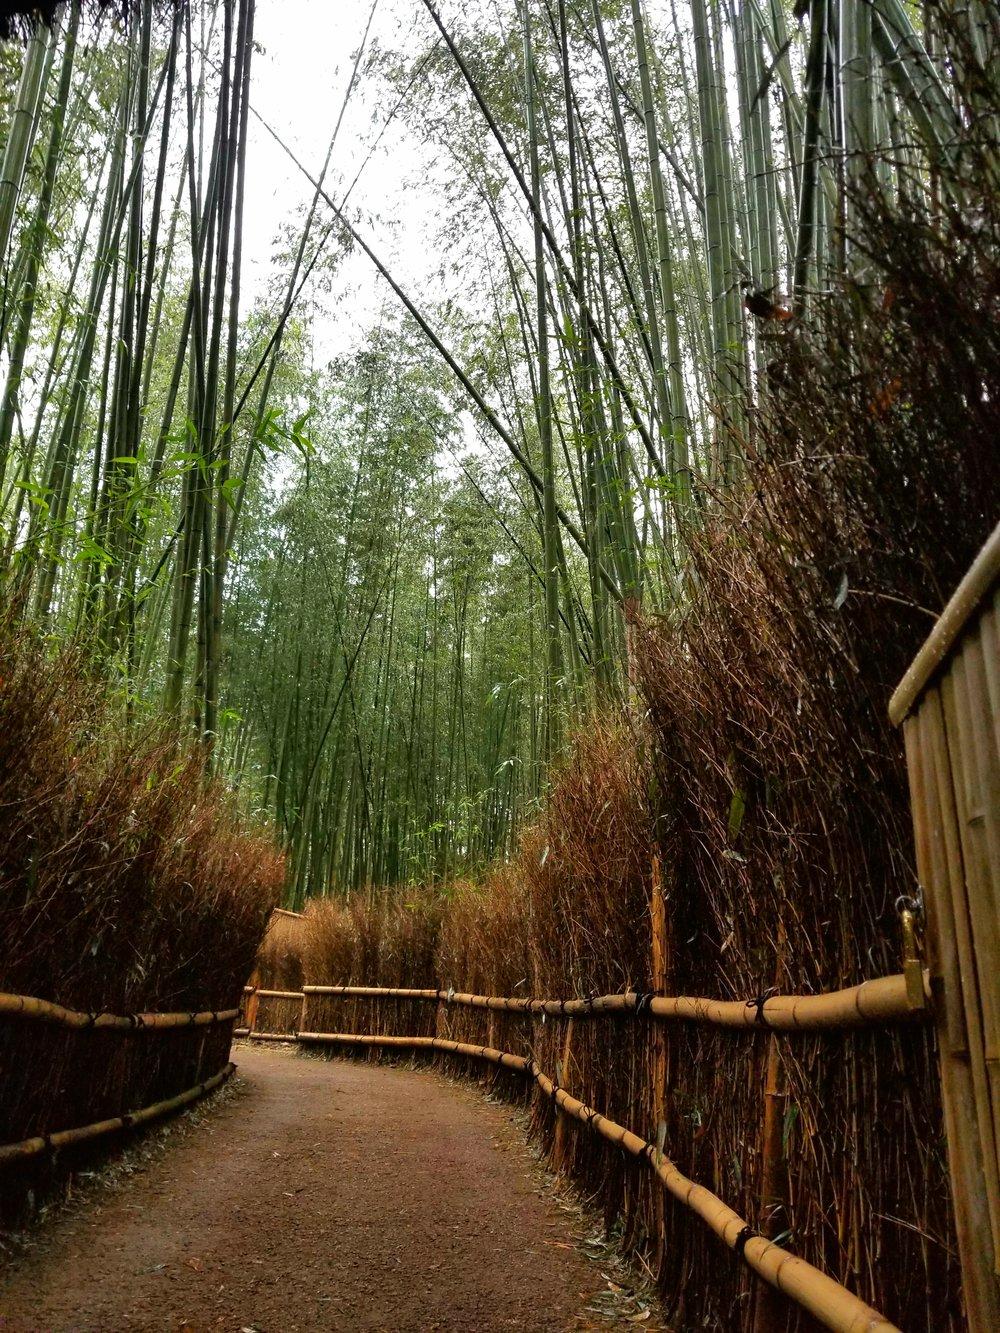 uprooted-traveler--Arashiyama-bamboo-forest-kyoto-2.jpg